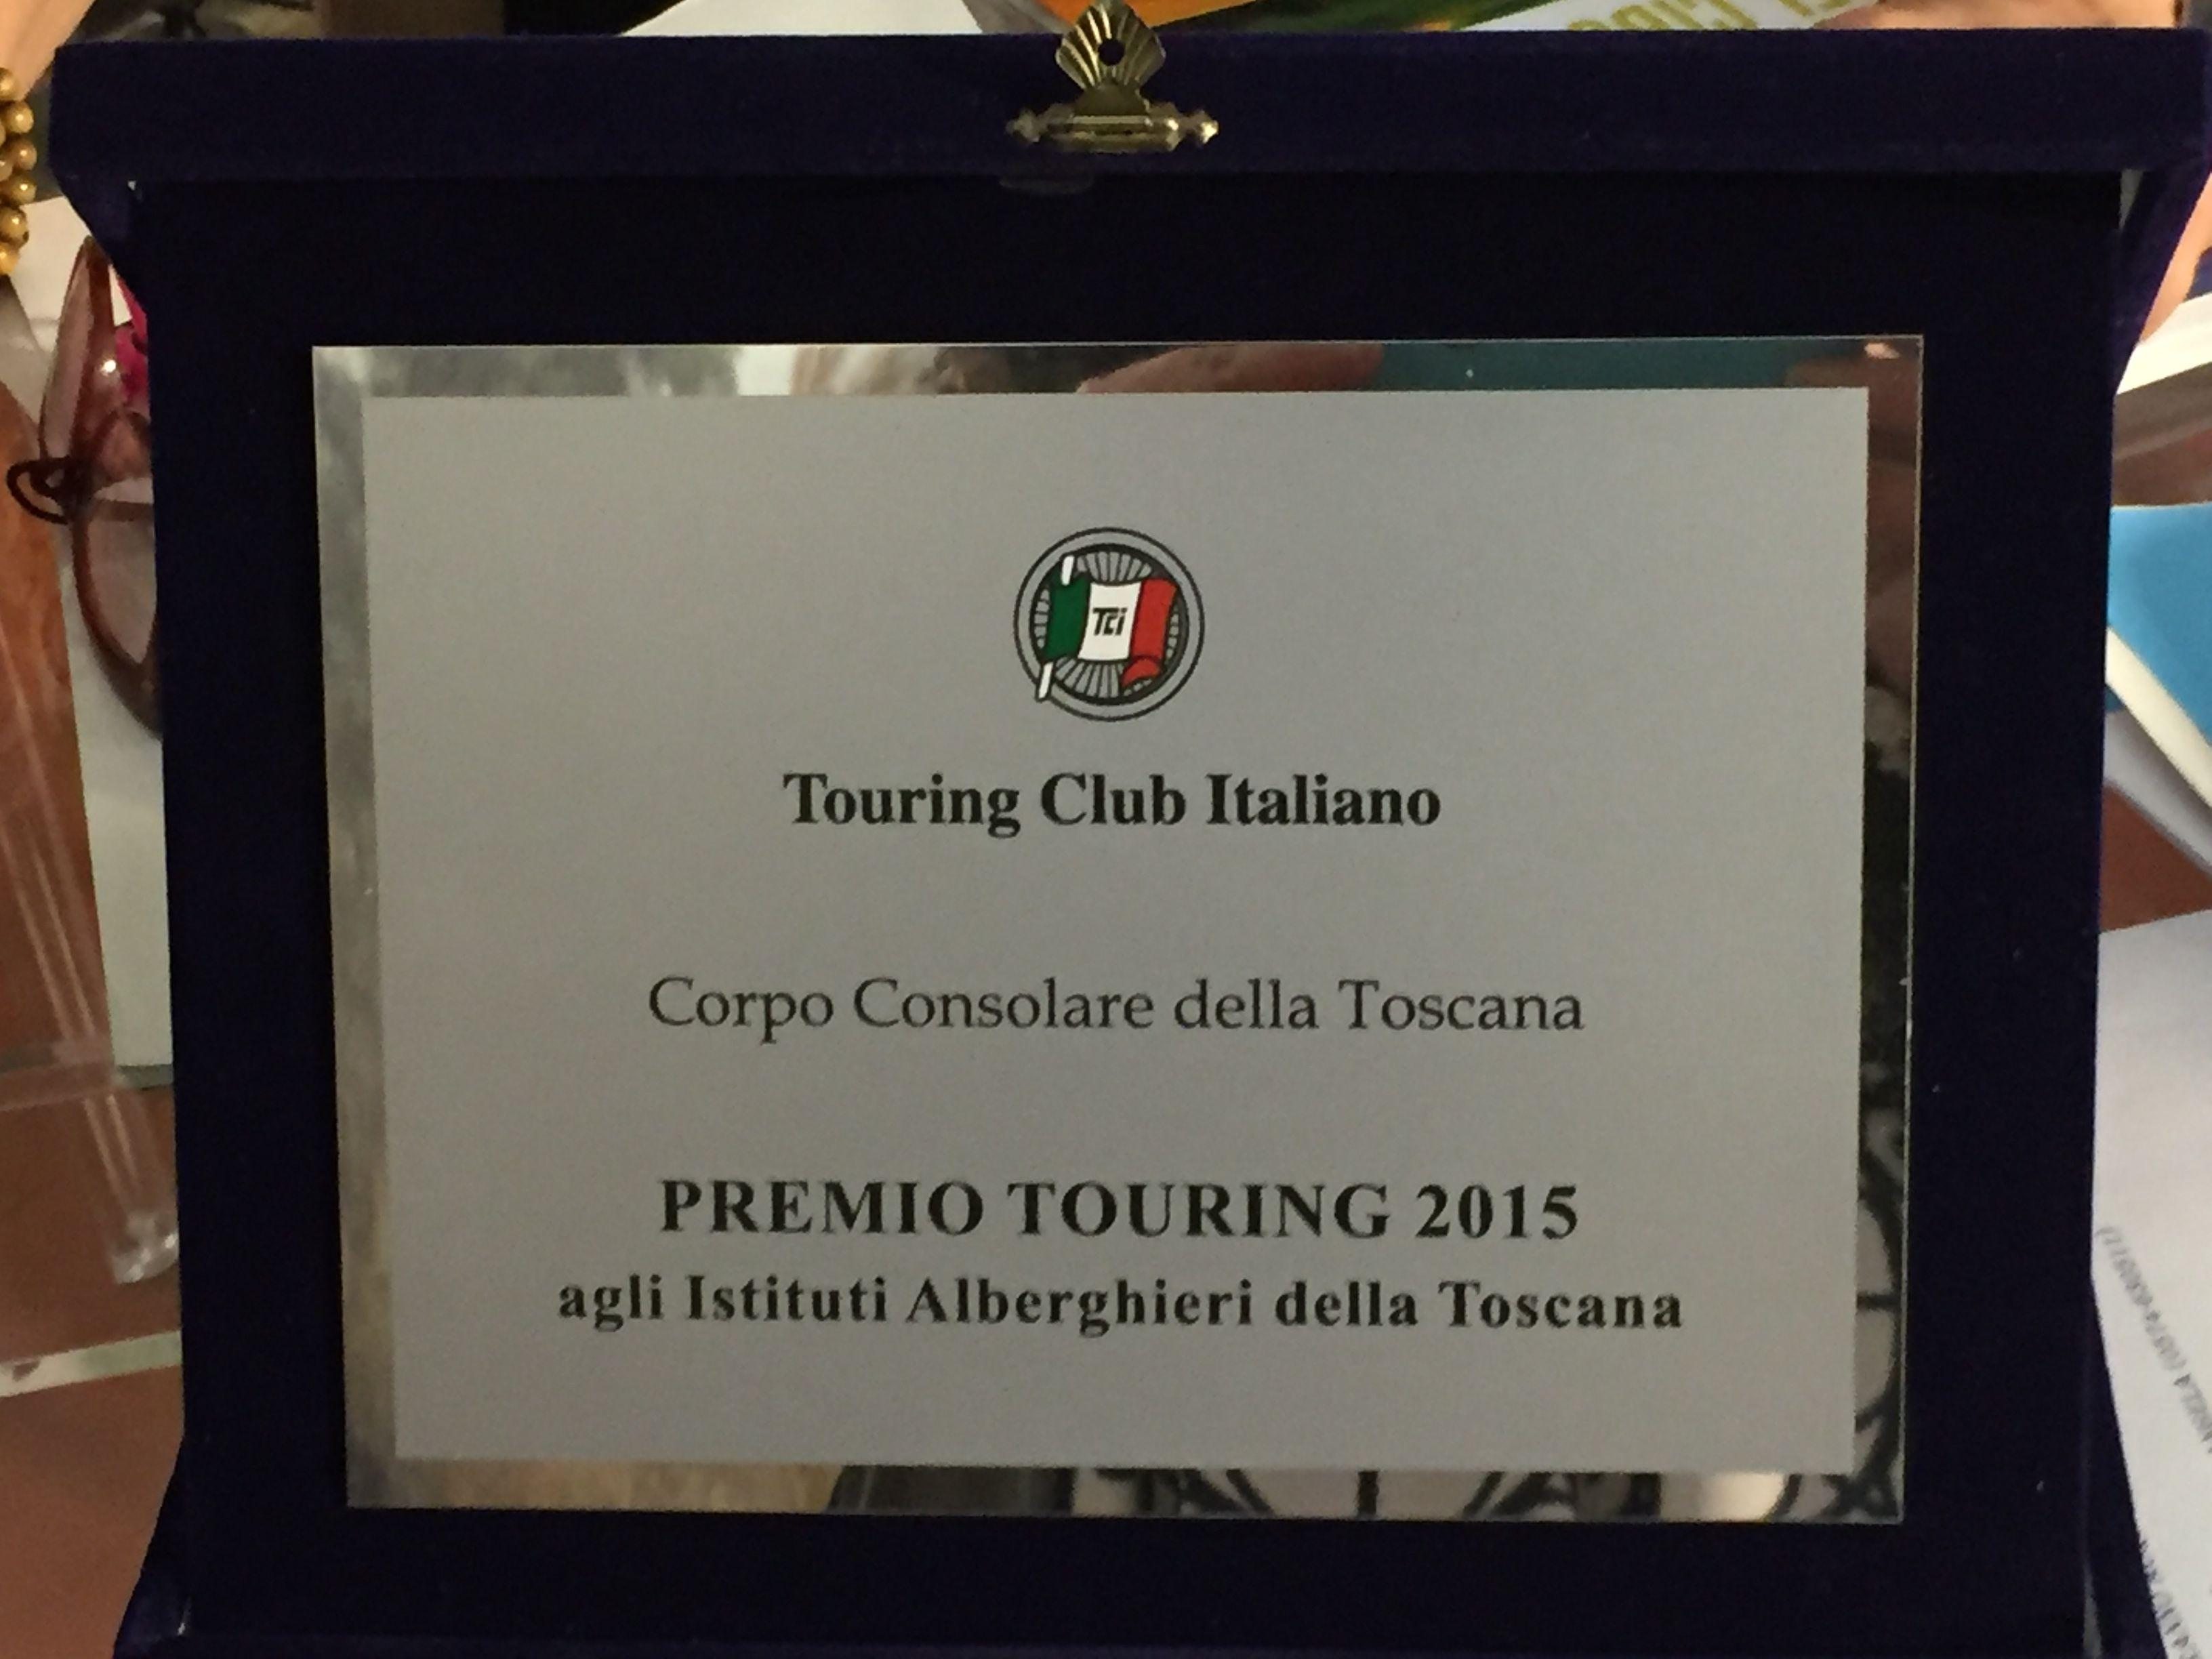 L'Istituto Vegni fra le 'eccellenze' del Touring Club